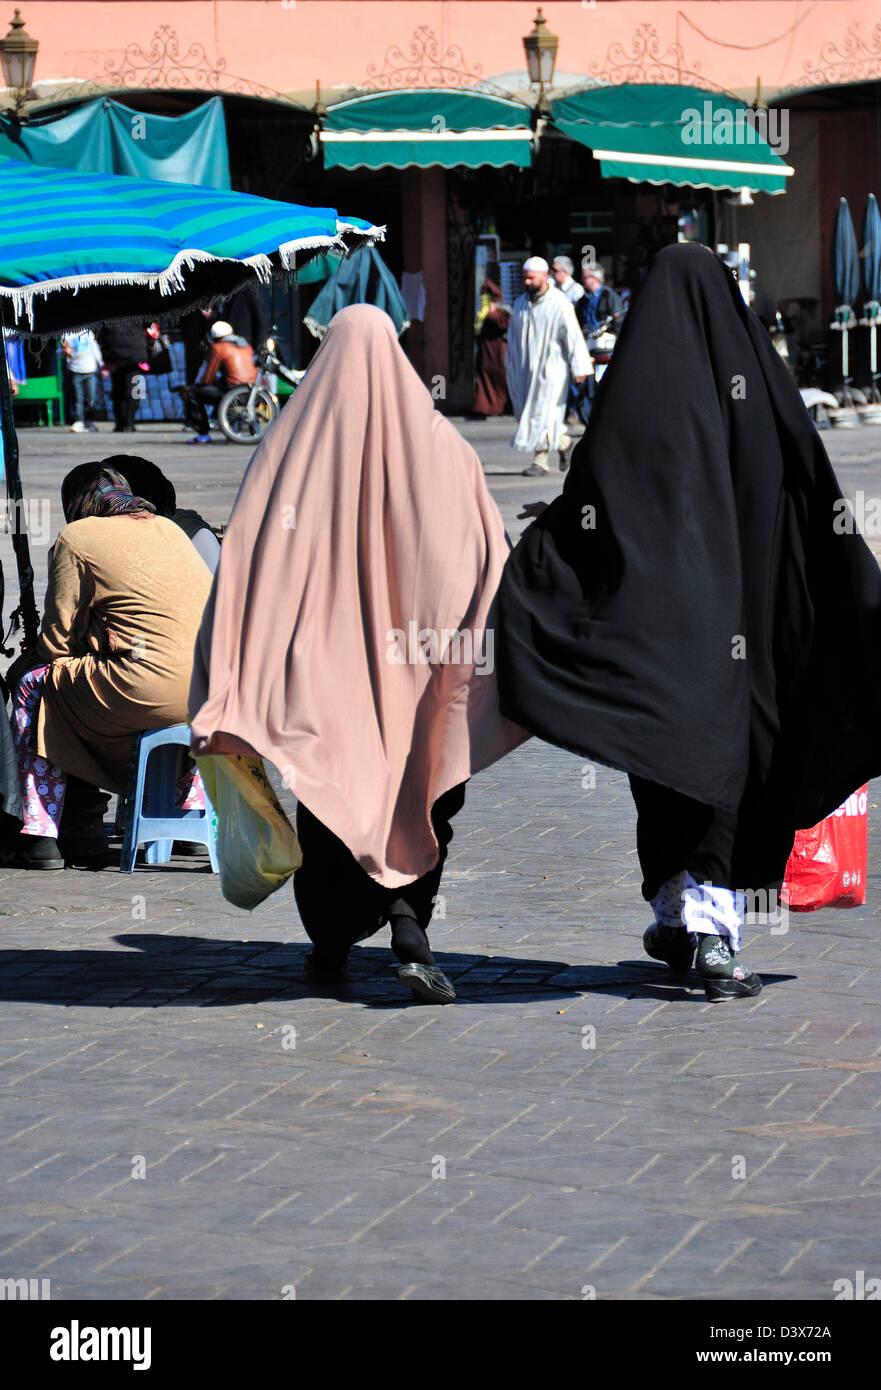 Zwei marokkanische Frauen tragen Abaya oder traditionelle Kleidung für arabische Frauen zu Fuß über den Jemaa El Stockfoto